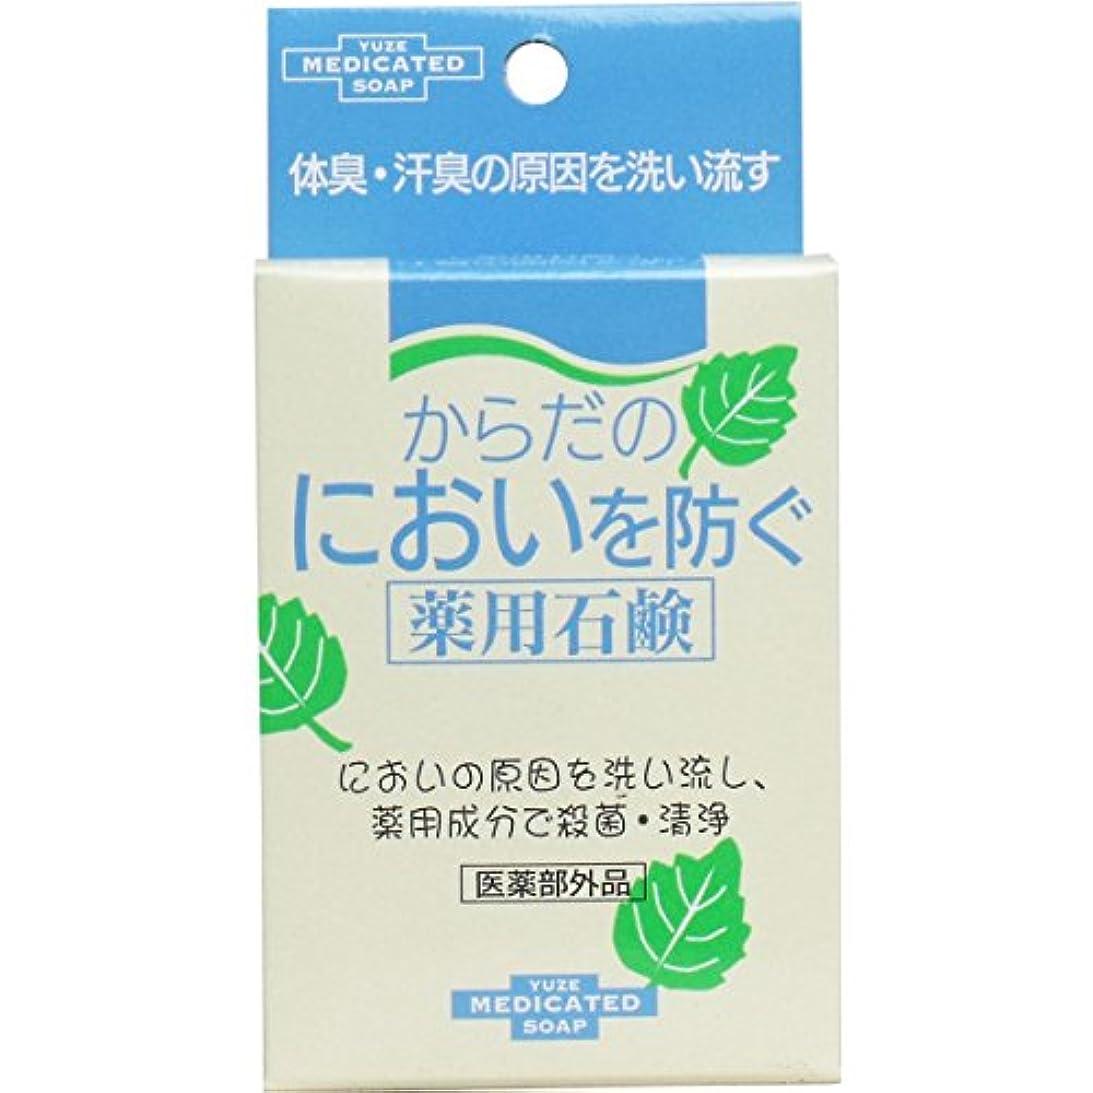 接続された製造業追い付くからだのにおいを防ぐ薬用石鹸 110g